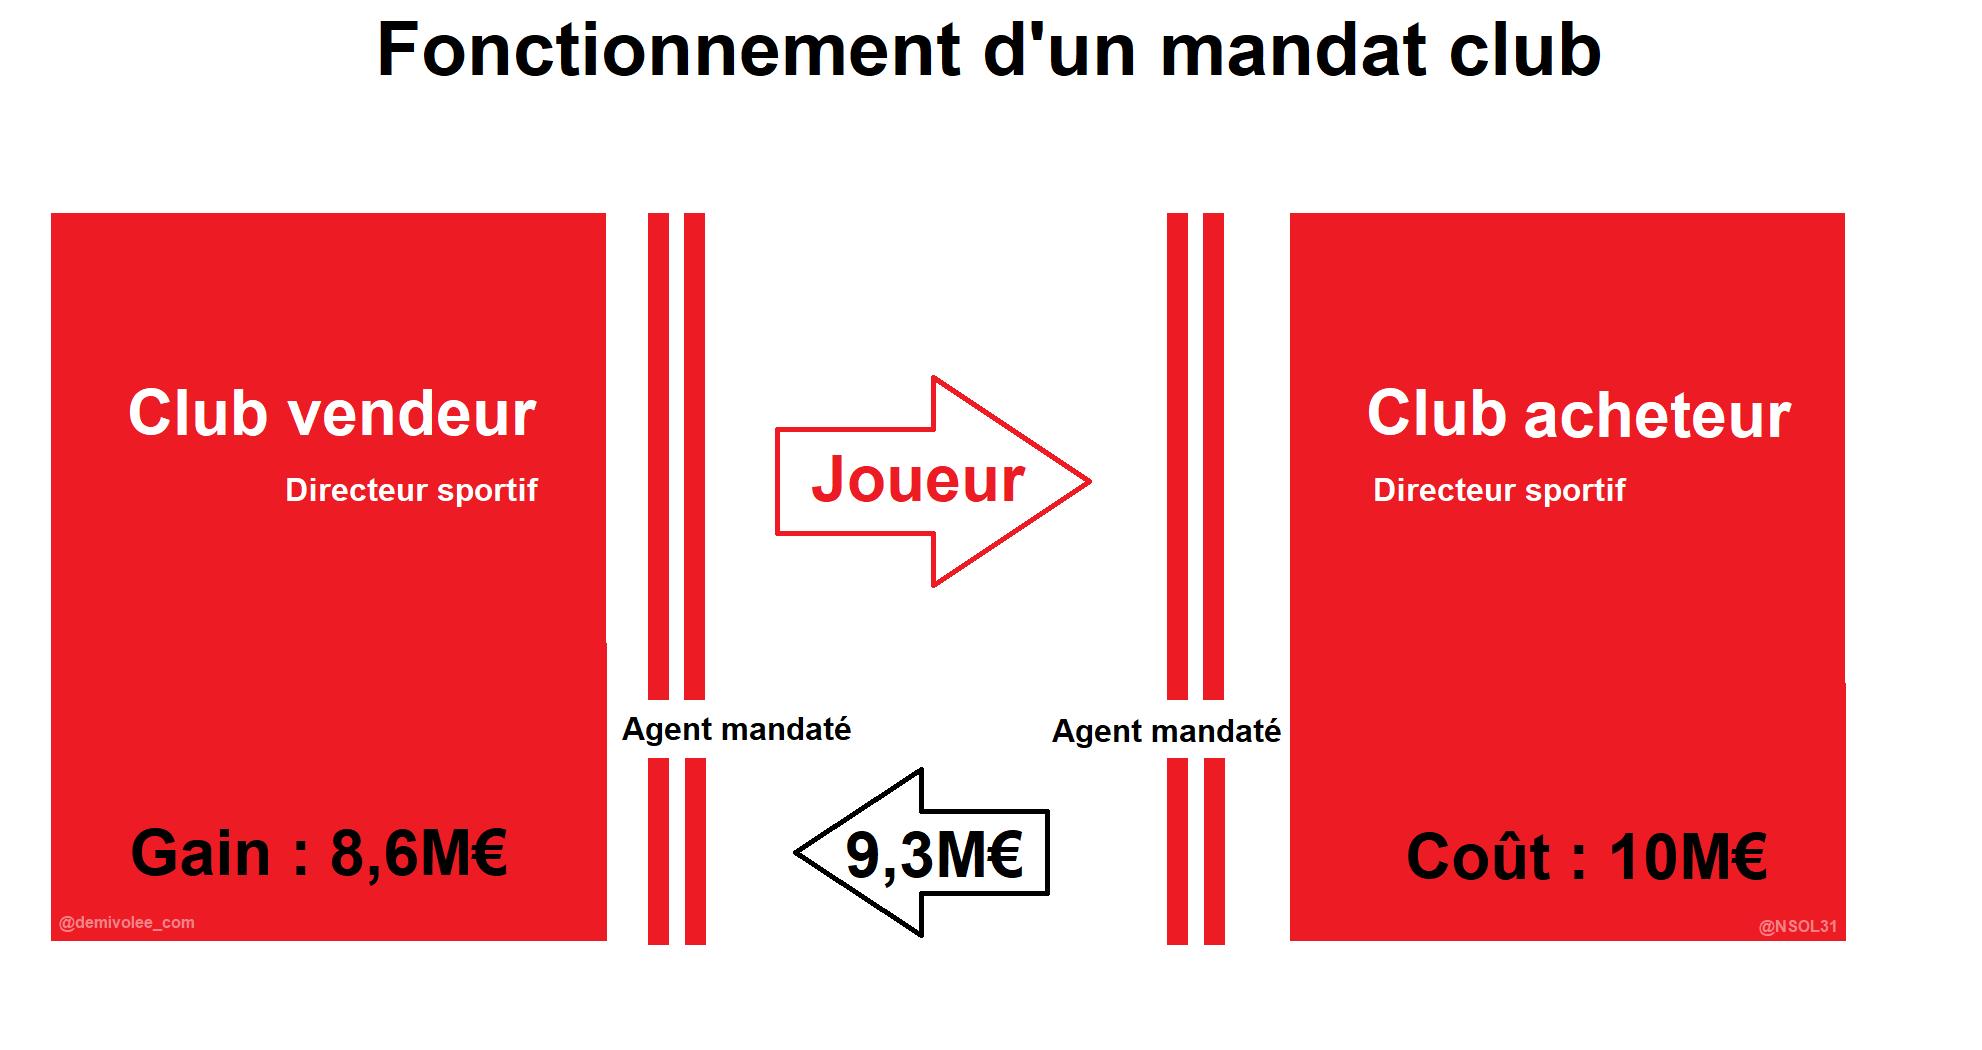 Fonctionnement d'un mandat club